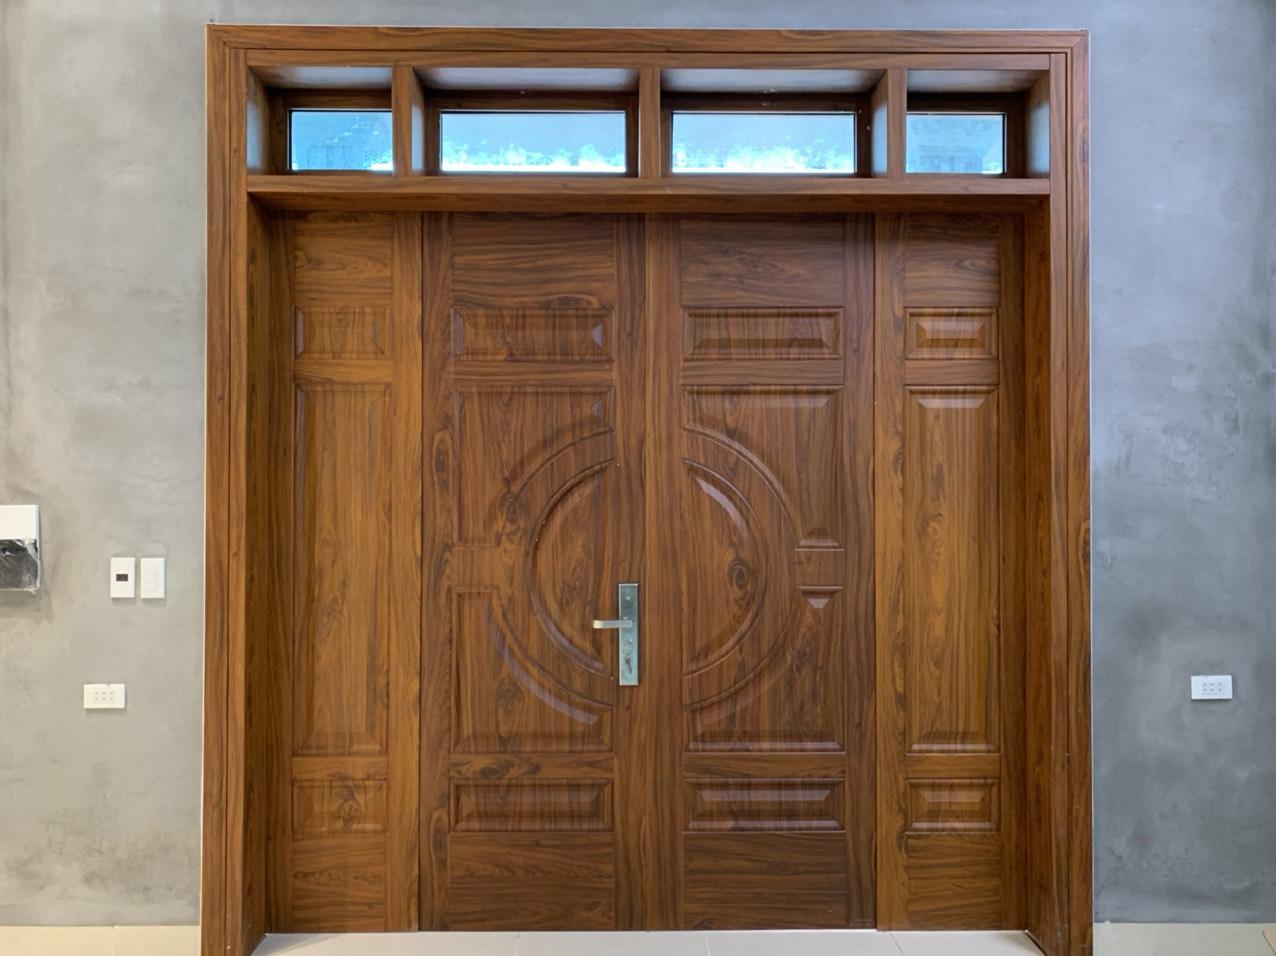 Báo giá cửa thép vân gỗ tại Bác Ninh